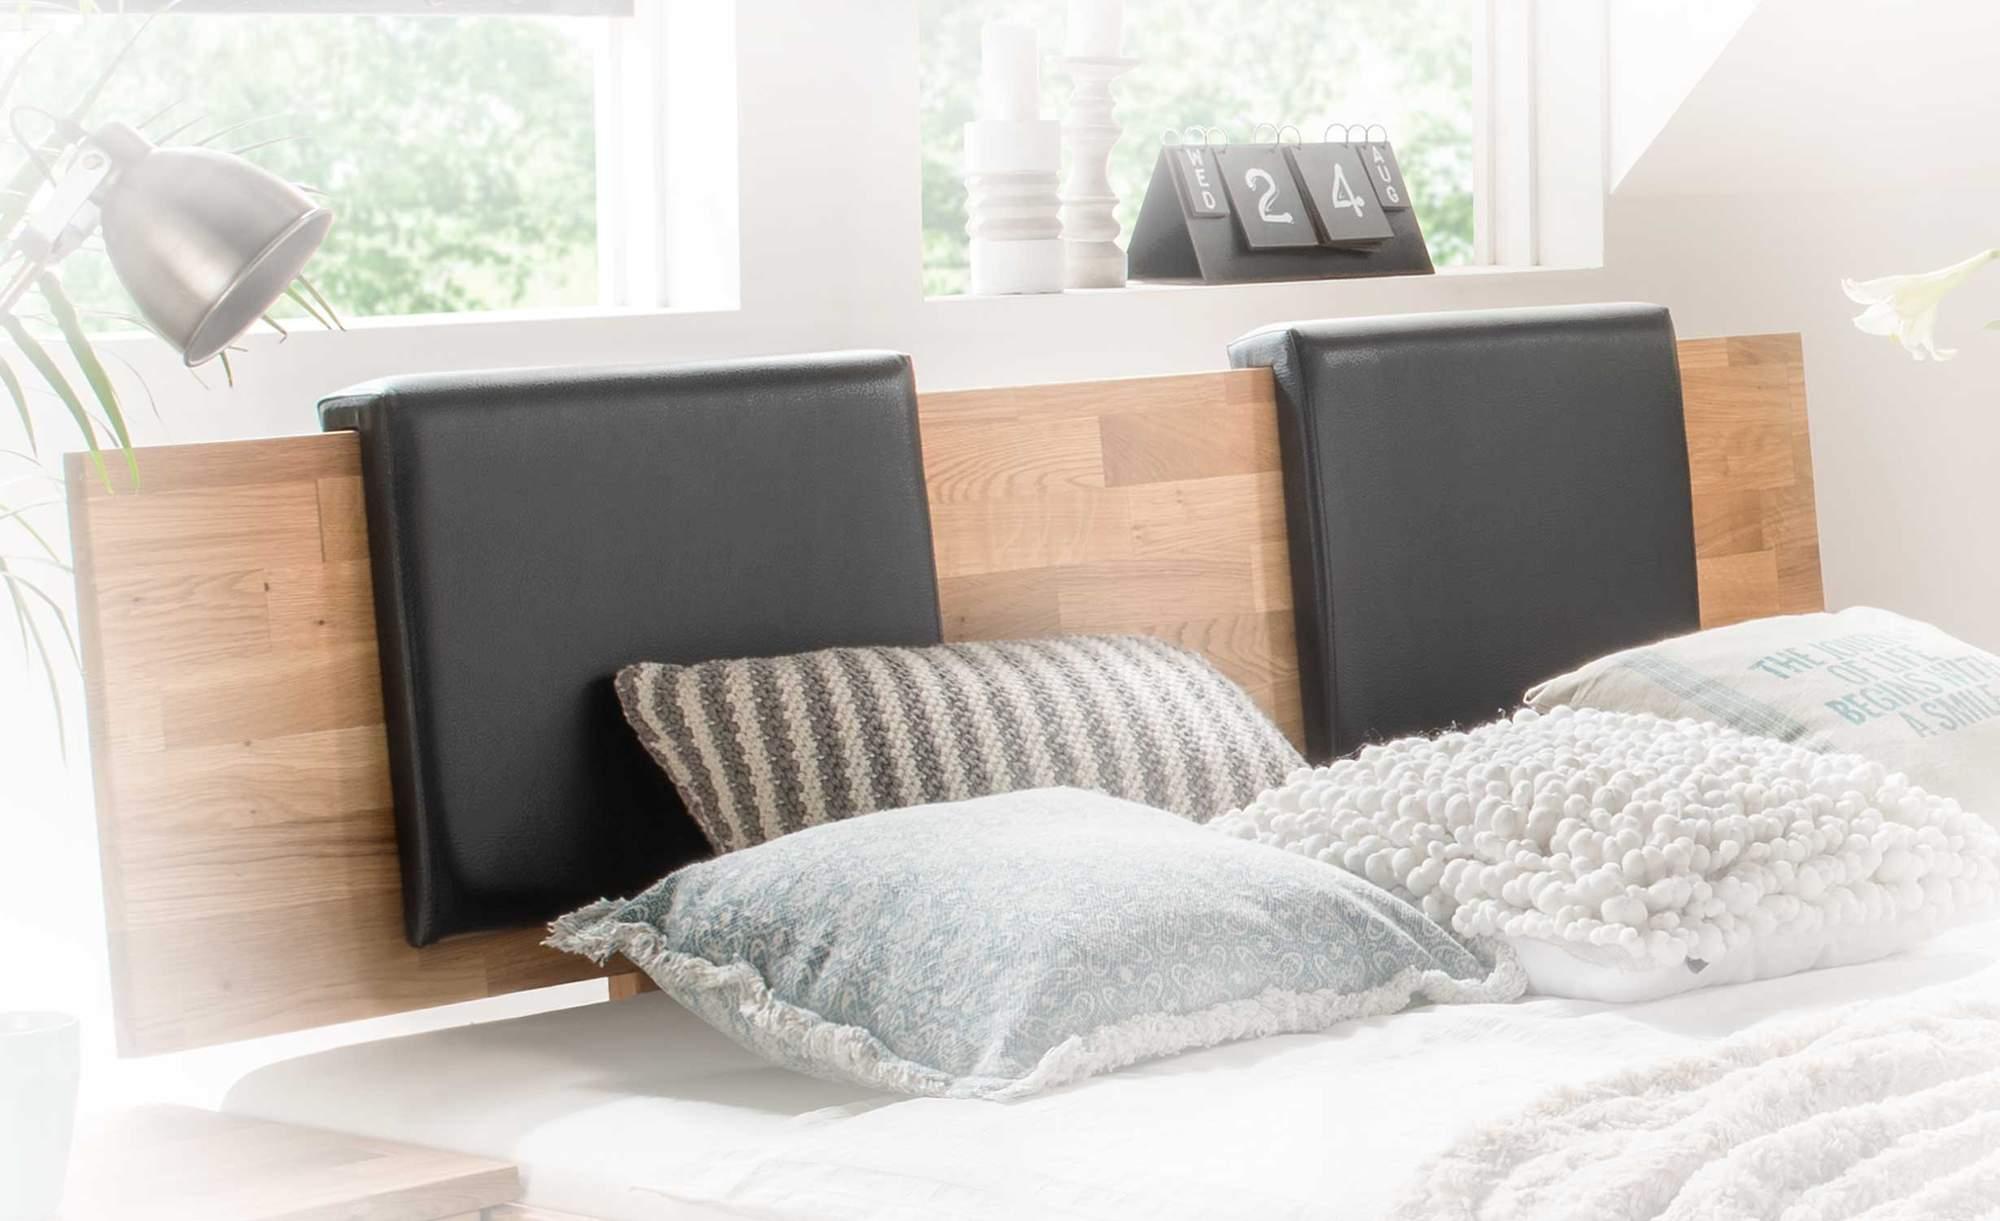 kissenset 2er set passend zu bett owe kunstleder schwarz oder mocca. Black Bedroom Furniture Sets. Home Design Ideas